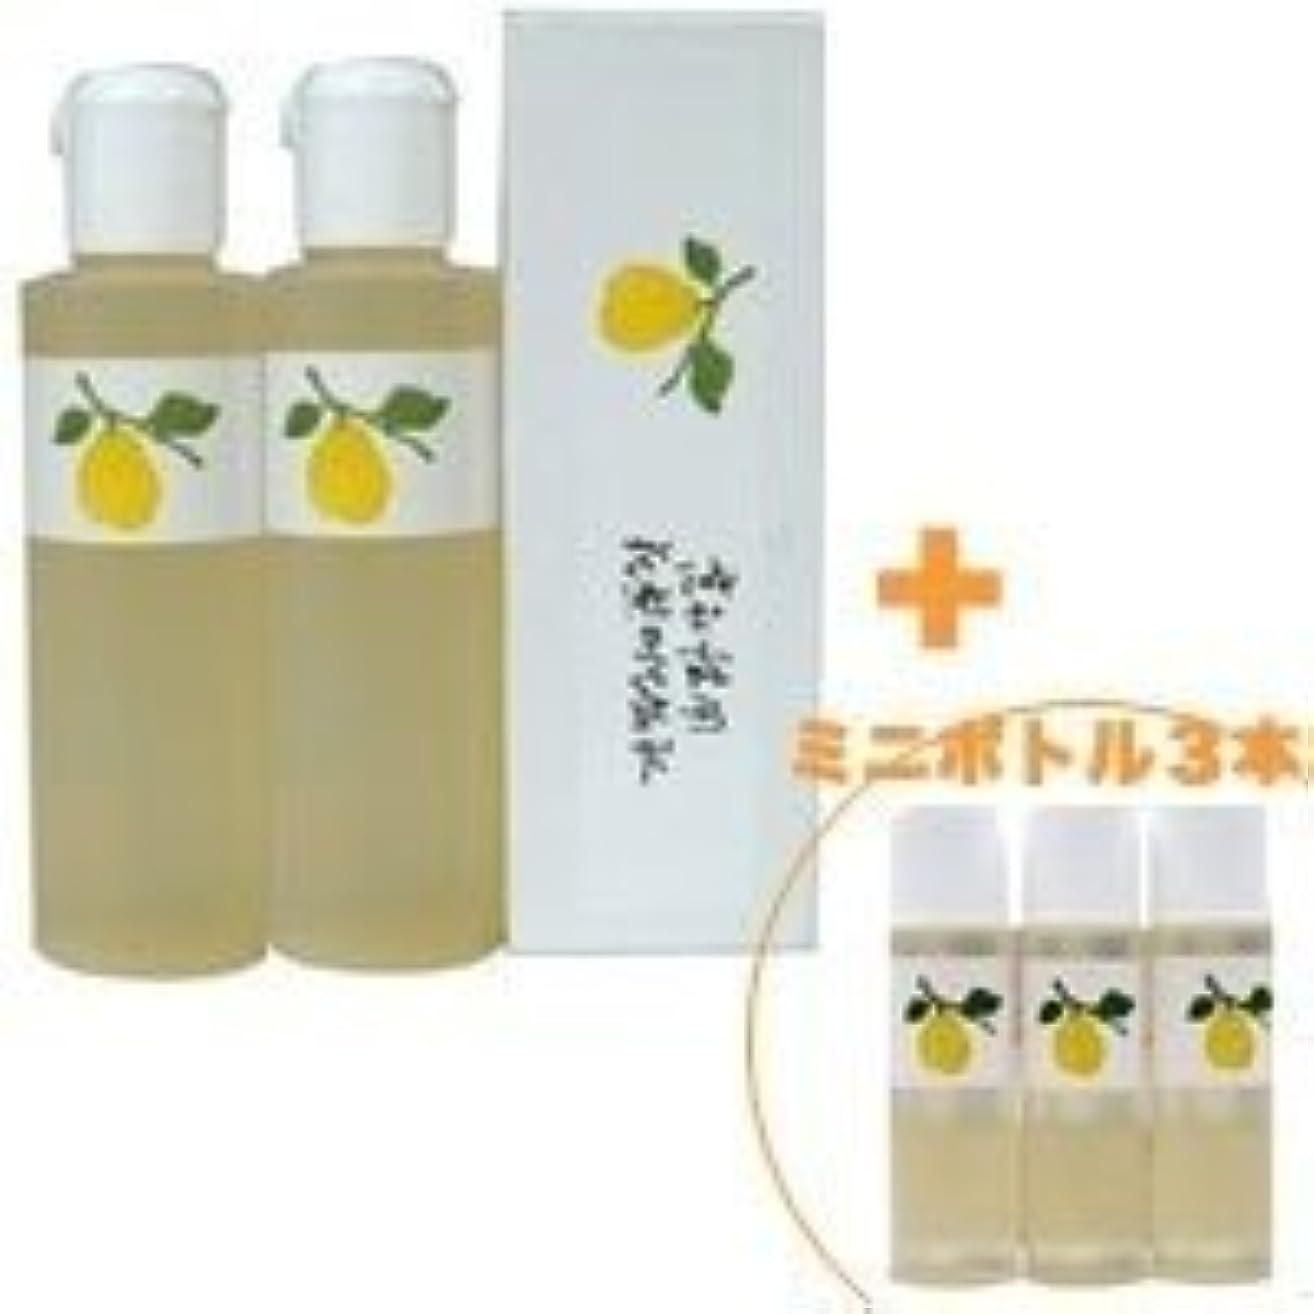 長方形苦しみ証明書花梨の化粧水 200ml 2本&ミニボトル 3本 美容液 栄養クリームのいらないお肌へ 保湿と乾燥対策に